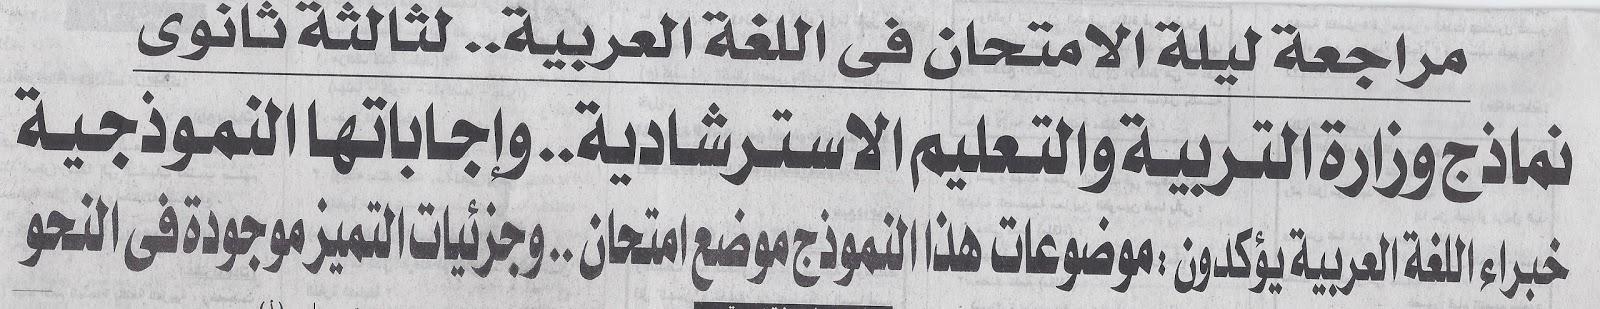 التوقعات الاكيدة لامتحان لغة عربية ثالثة ثانوى 2014 Scan